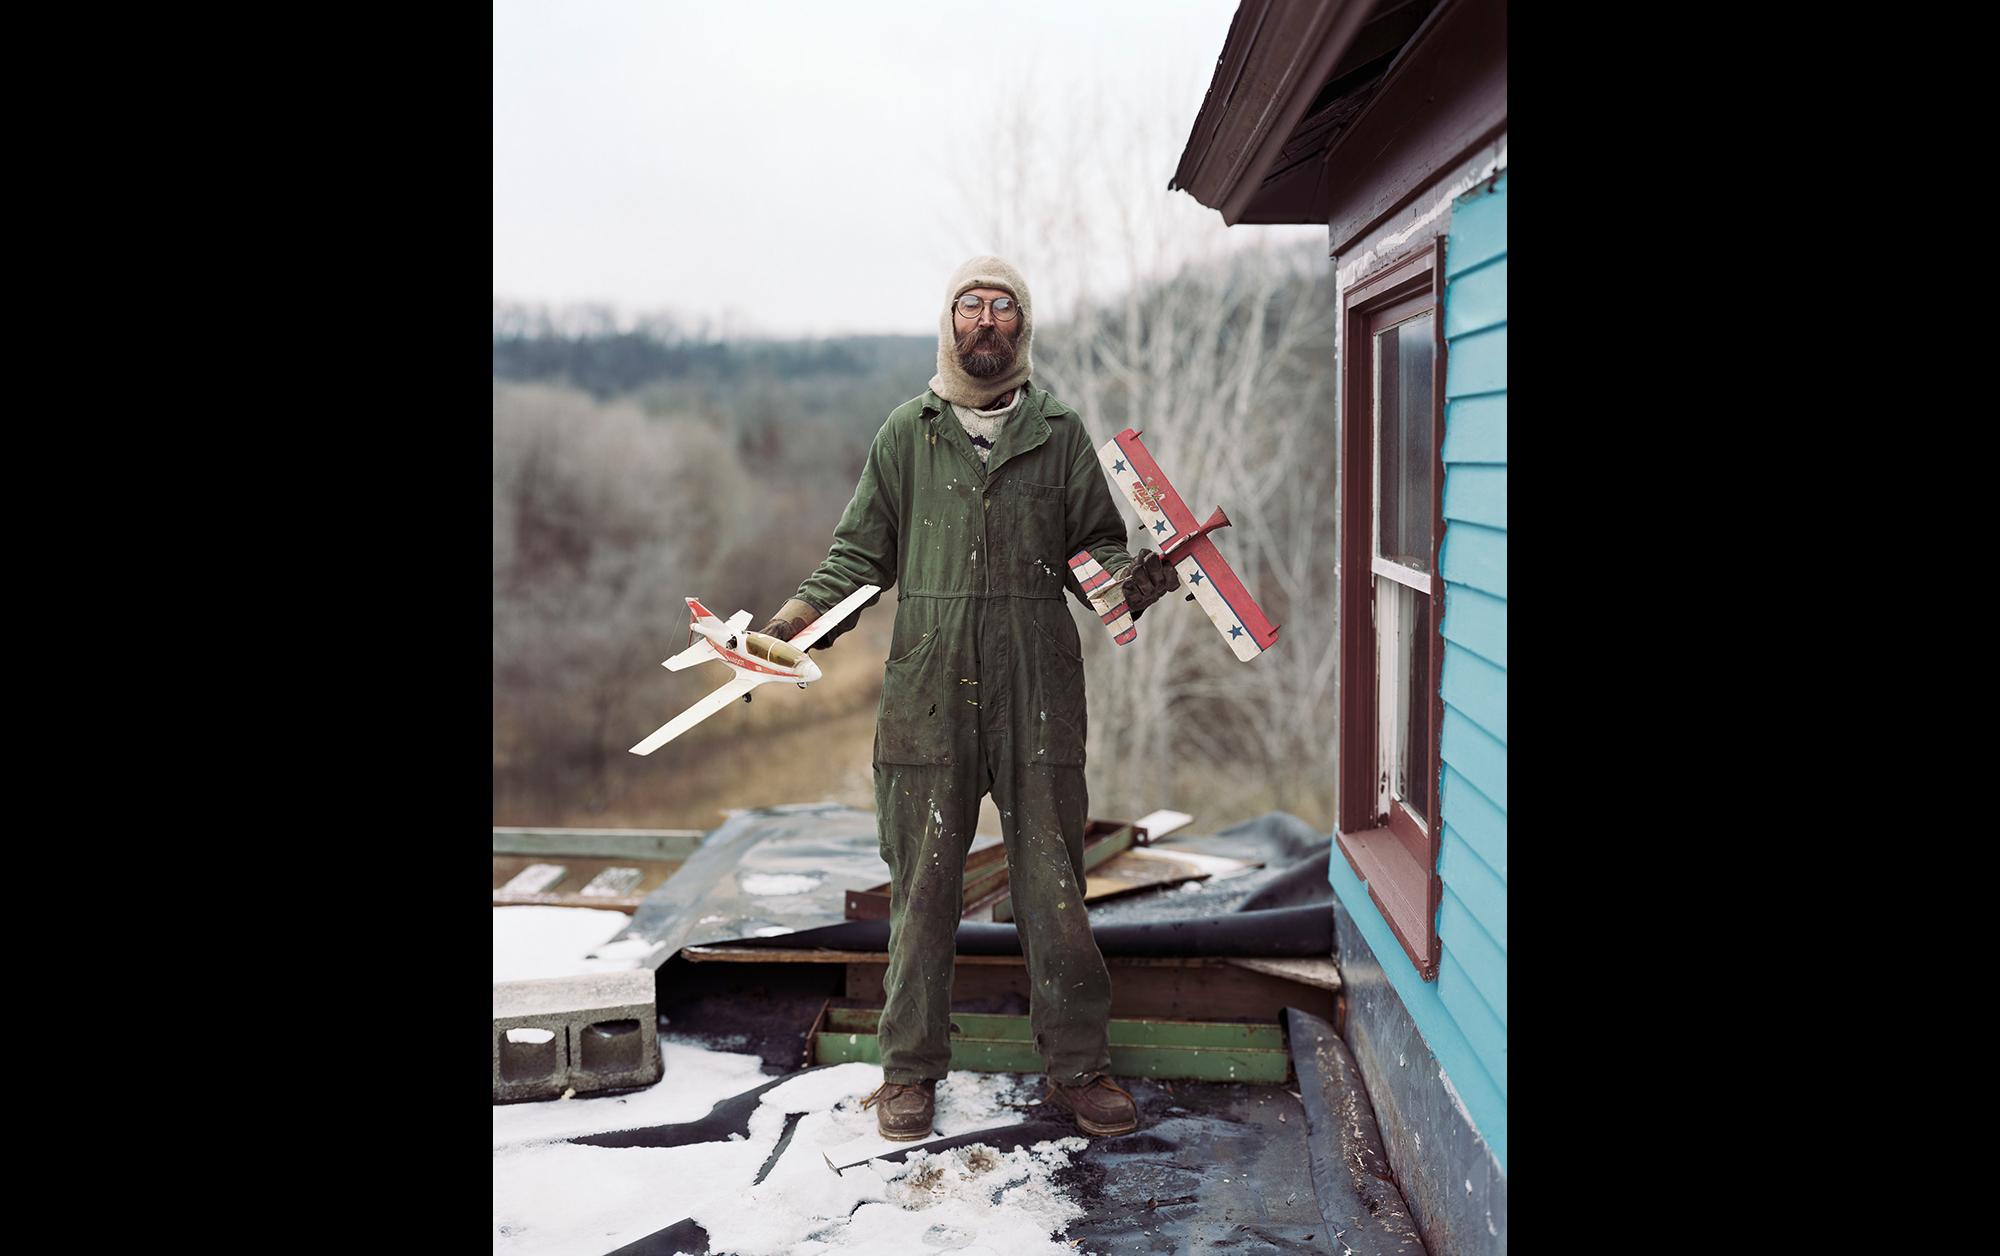 人と人をつなぐ写真が描き出す物語、アレック・ソスによる中国初個展「The Space Between Us」が開催中 | Charles, Vasa, Minnesota from Sleeping by the Mississippi, 2002 ©️ Alec Soth, courtesy Sean Kelly New York